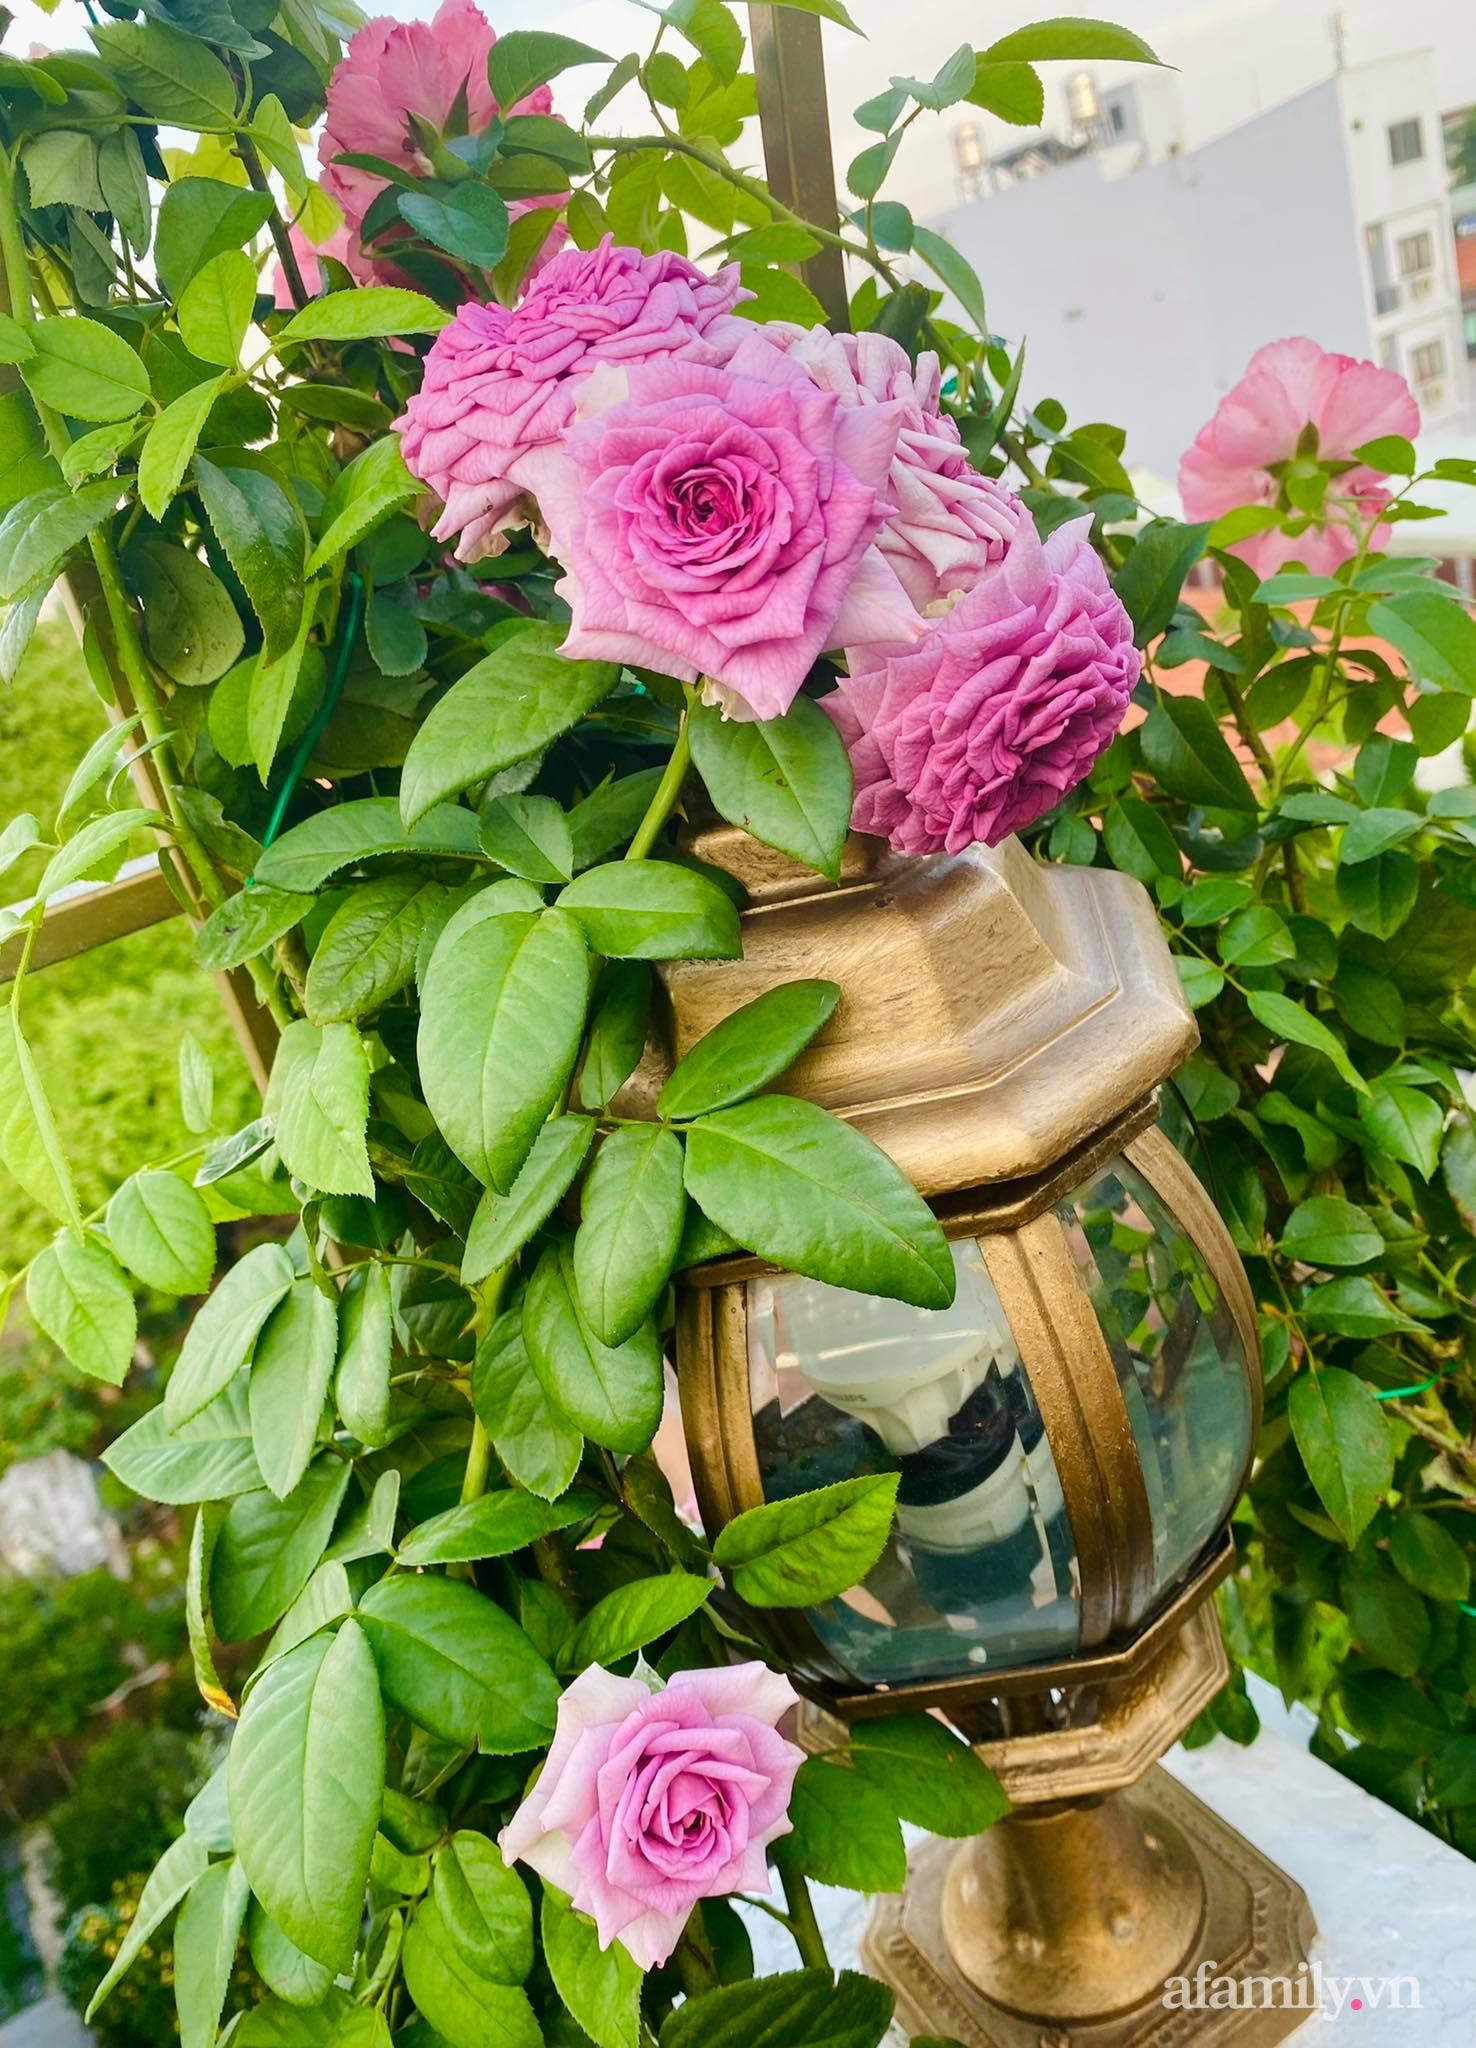 Sân thượng phủ kín hoa hồng và rau quả sạch ở Sài Gòn của Hoa hậu Janny Thủy Trần-19